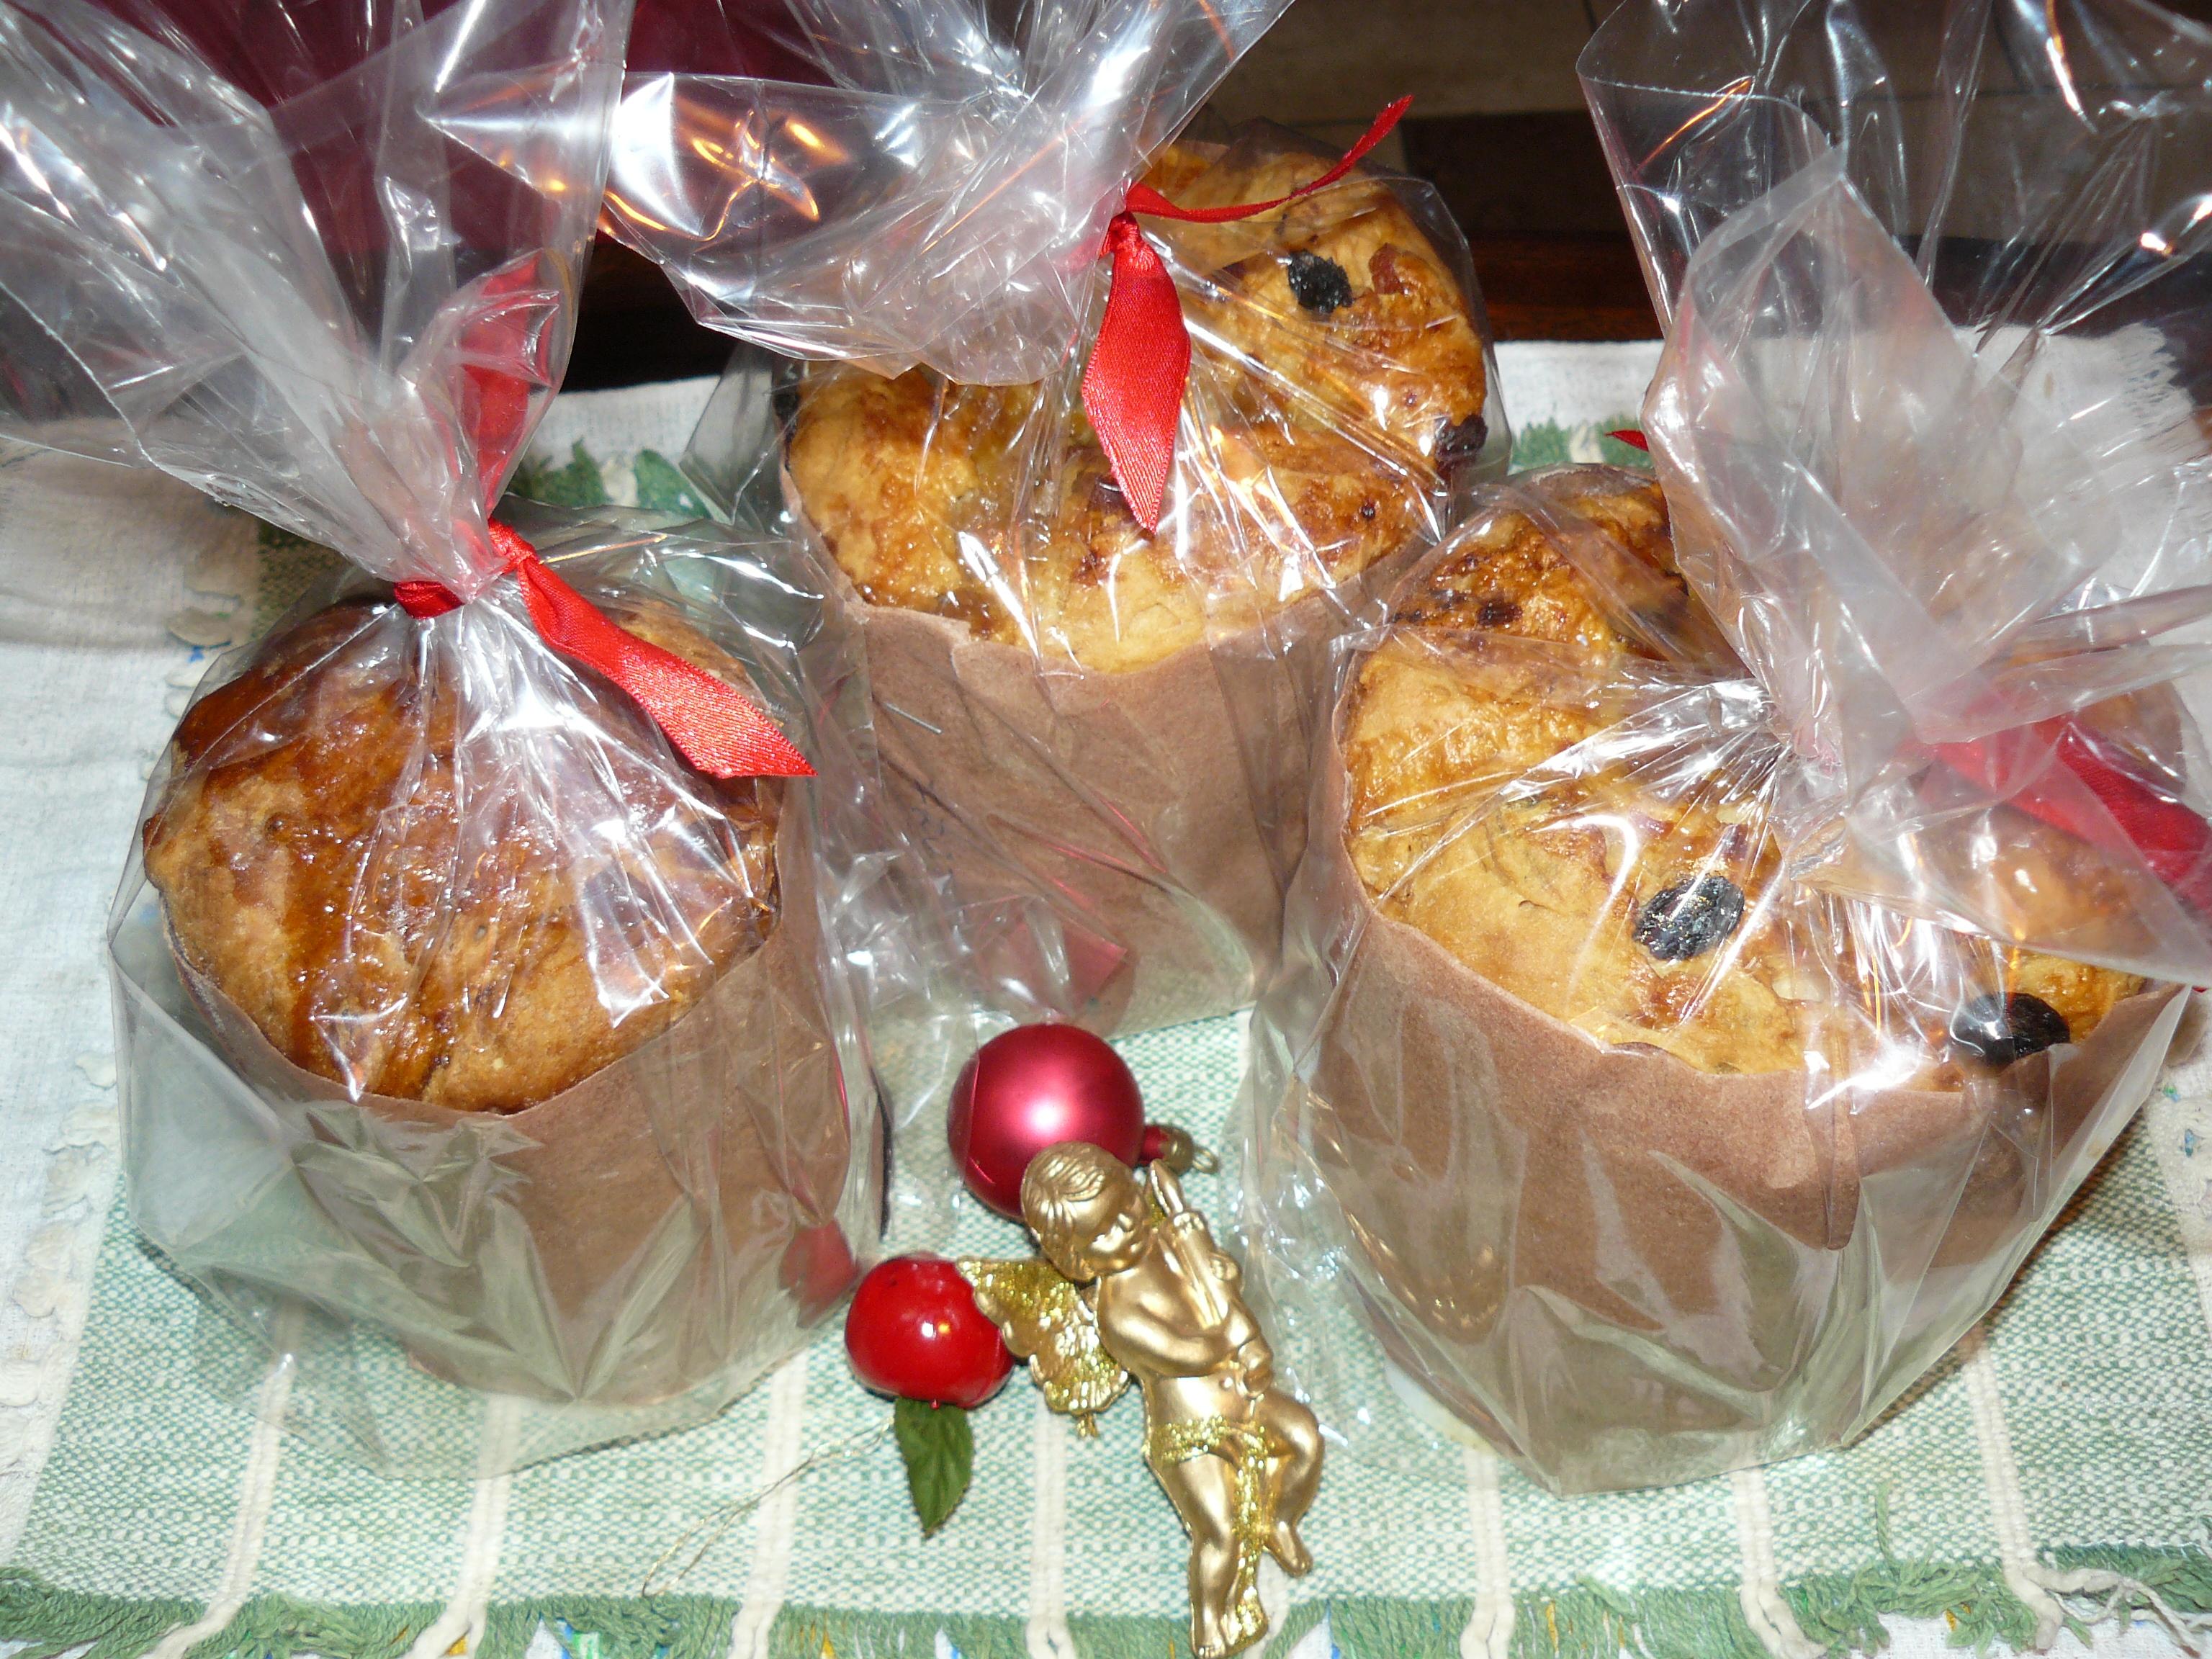 Pan dulce casero hecho por mam estaban exquisitos - Cosas para regalar para navidad ...